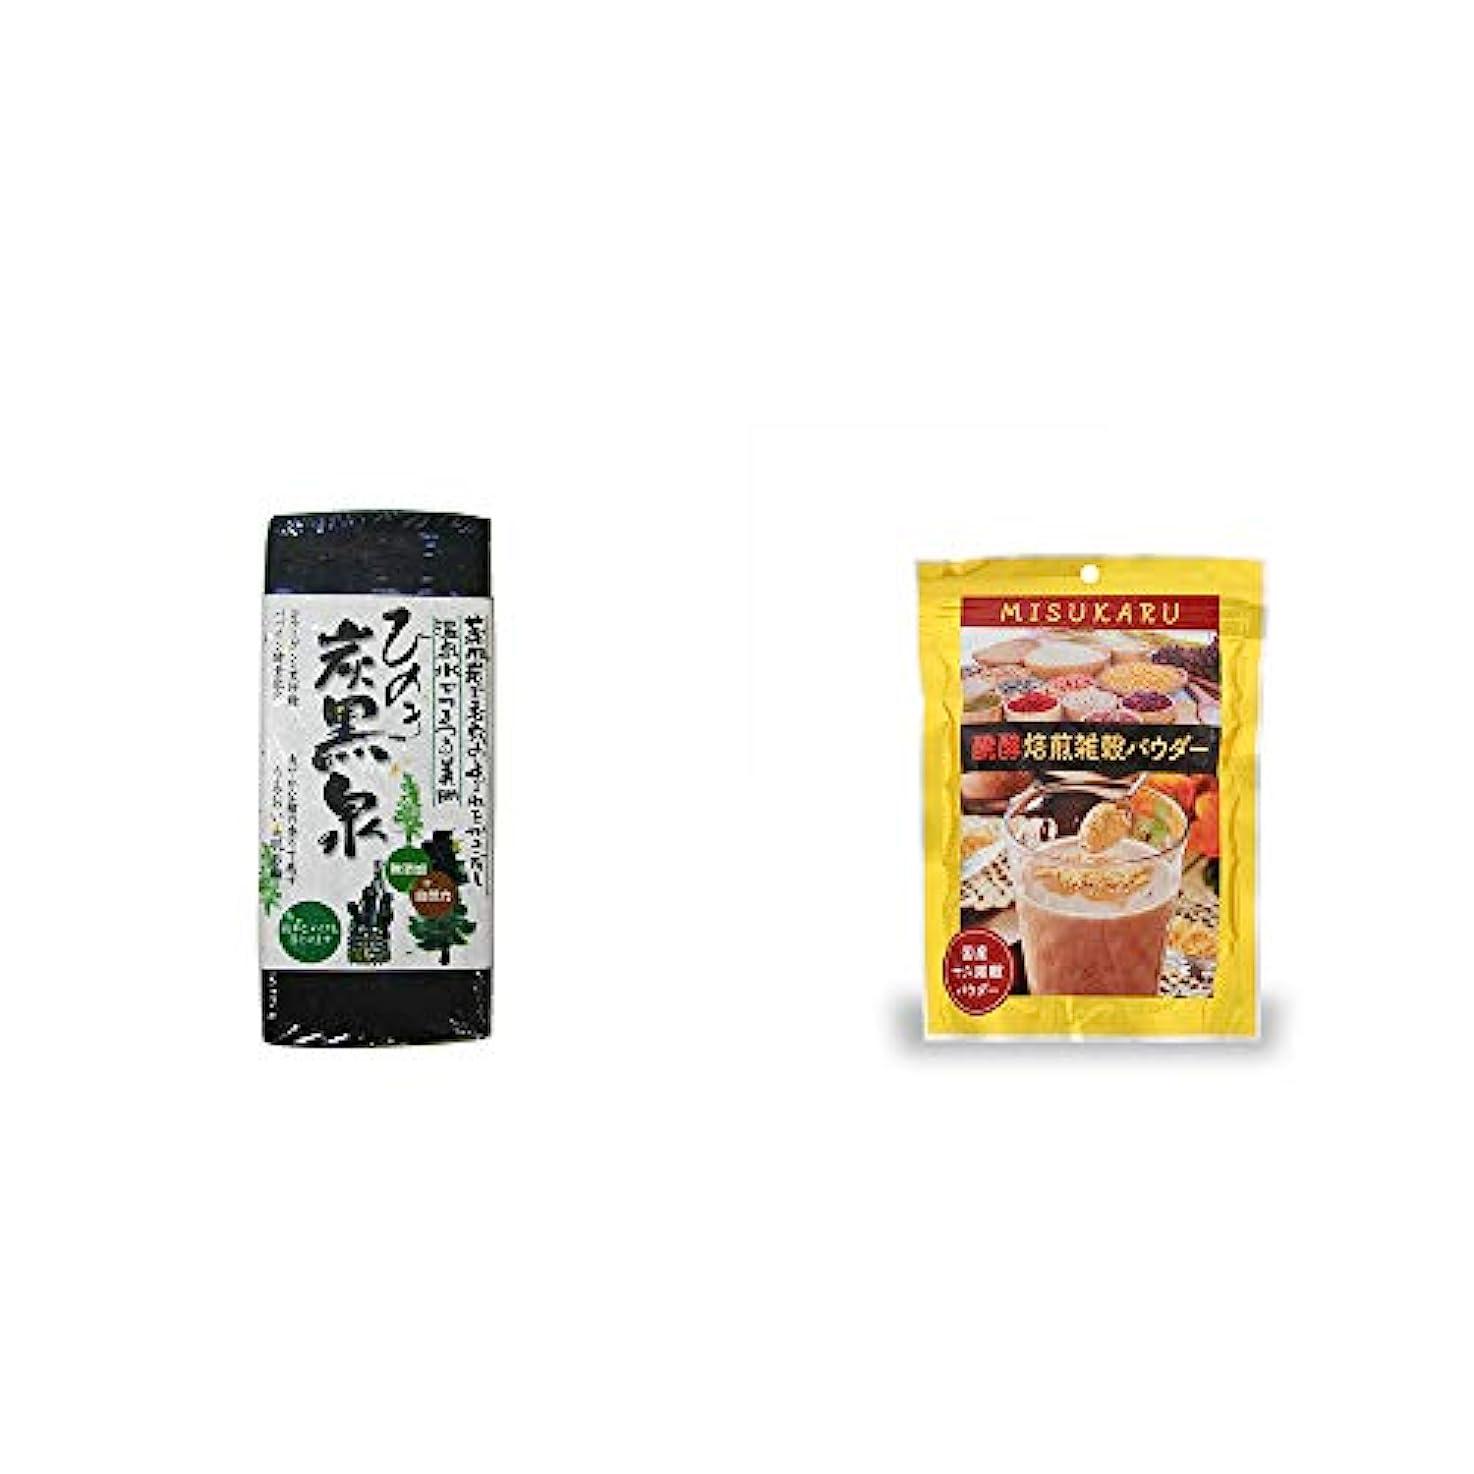 正気遅らせる住人[2点セット] ひのき炭黒泉(75g×2)?醗酵焙煎雑穀パウダー MISUKARU(ミスカル)(200g)